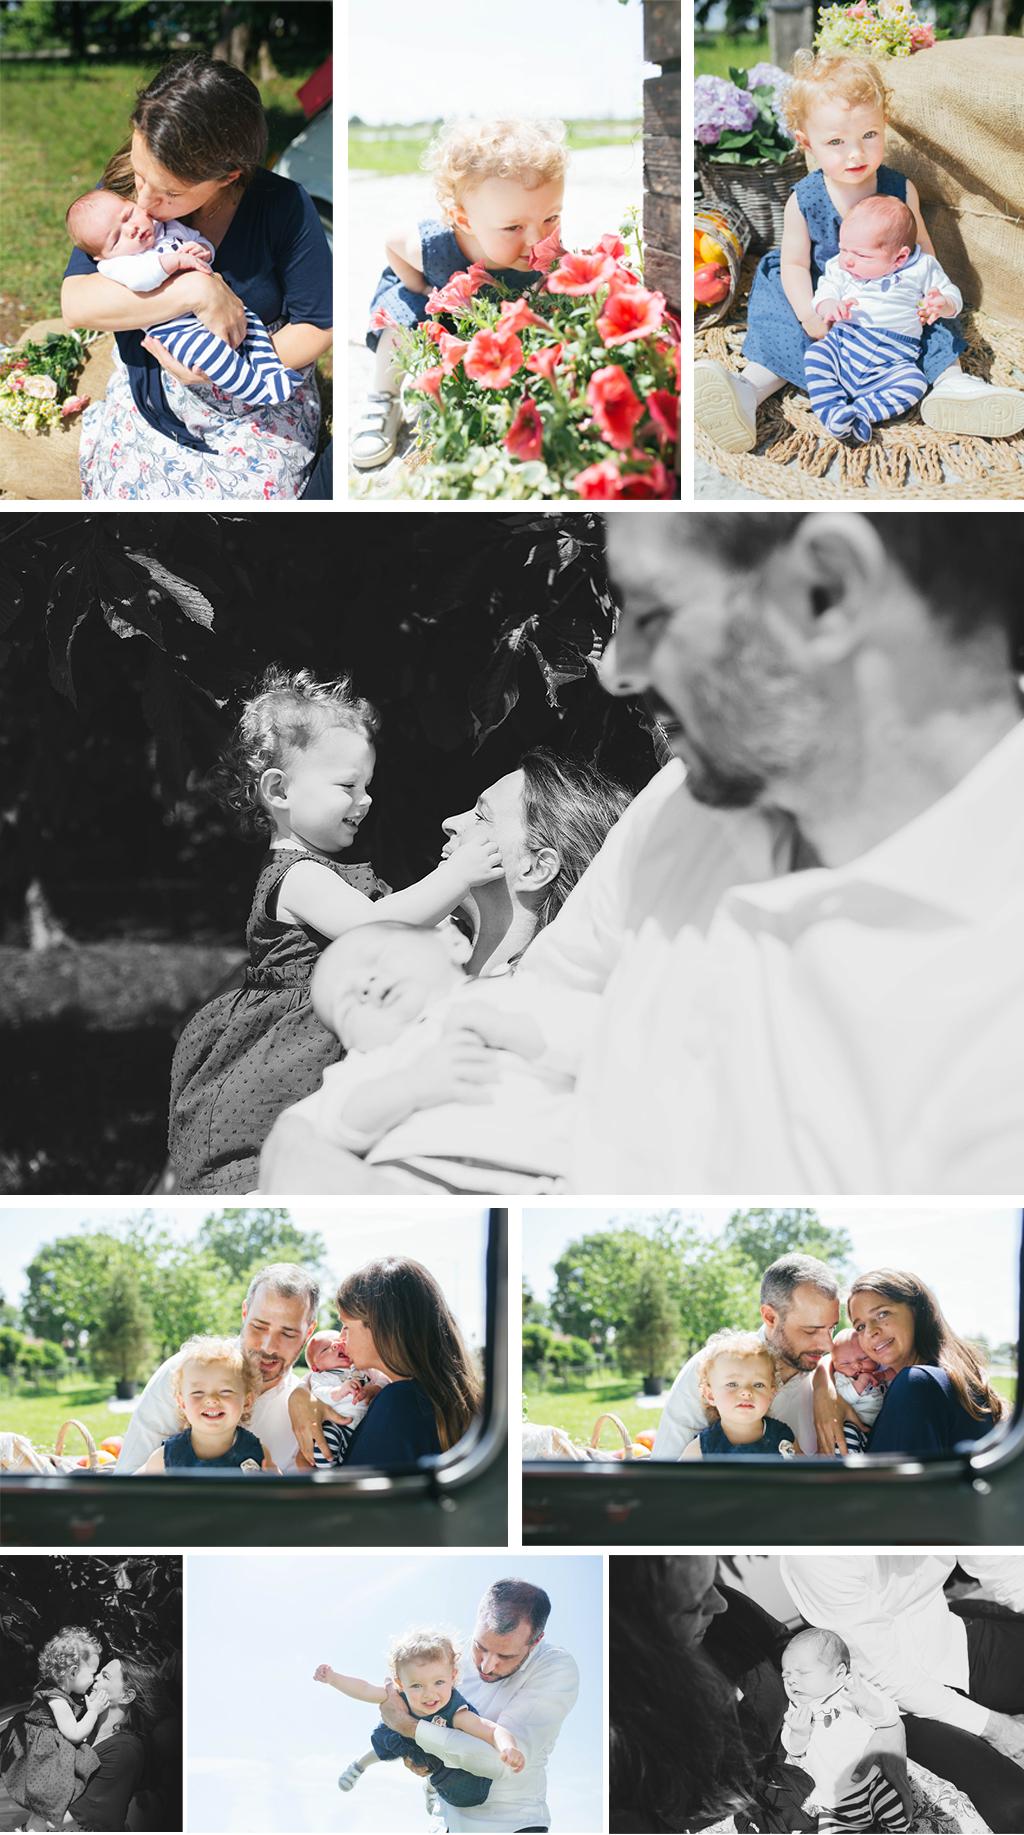 foto di famiglia realizzate al borgo Malanotte di razzola treviso veneto   fotografie che incrociano il presente con il passato